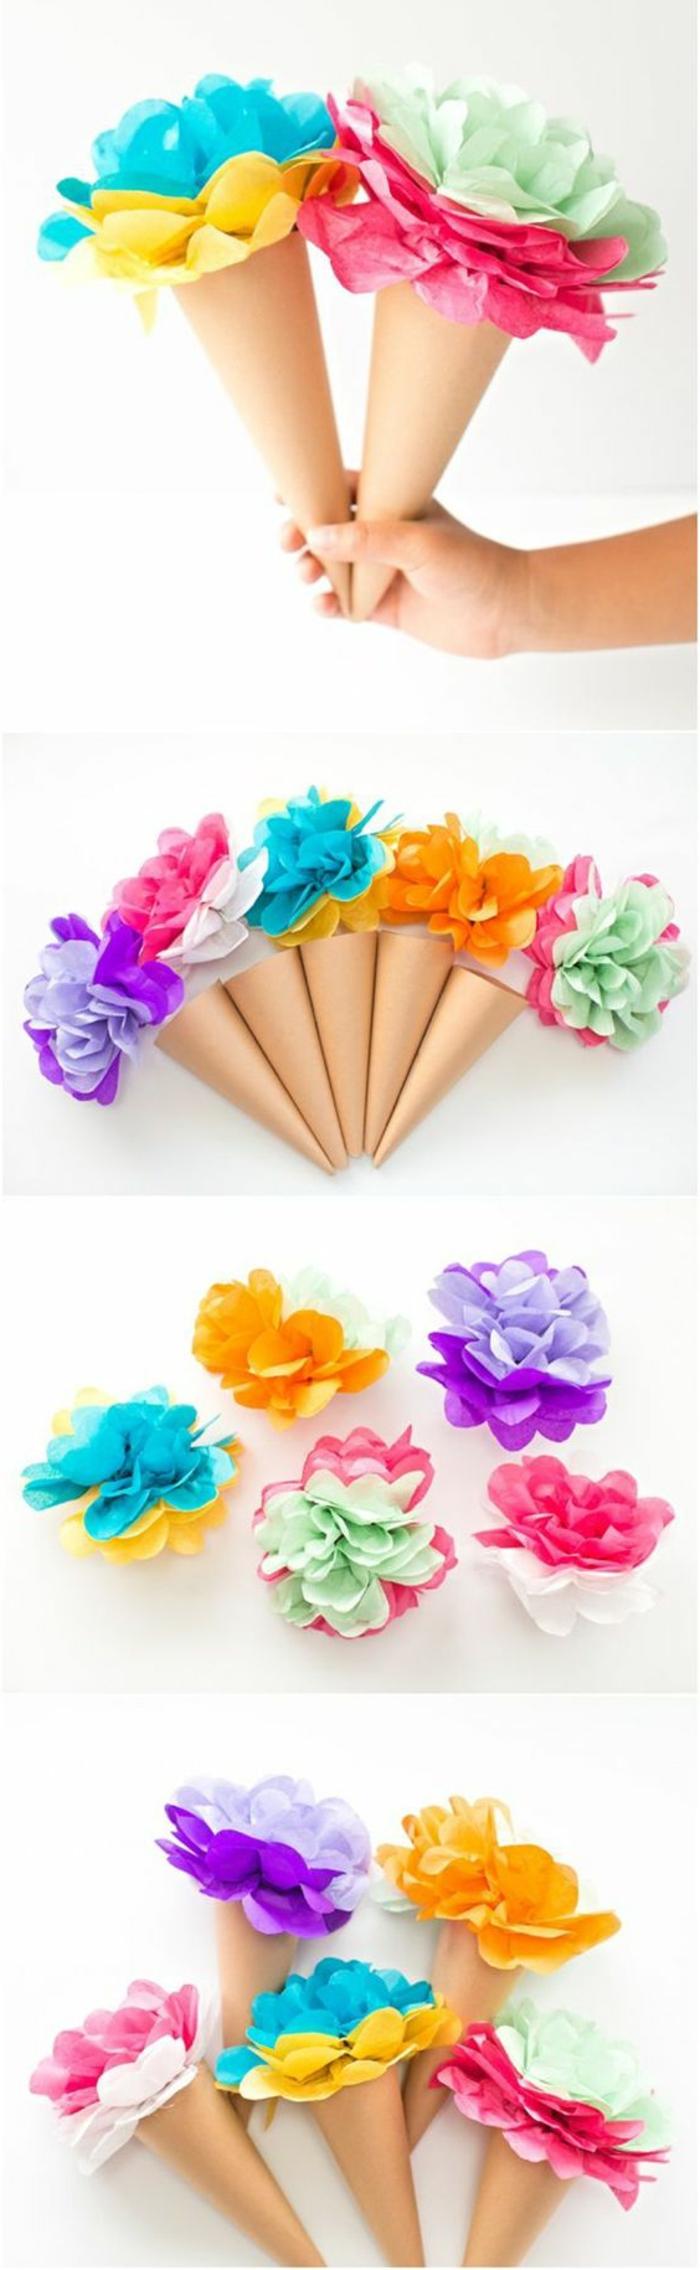 cornets a glace en papier, boules de fleurs en papier multicolores, idée de bricolage enfant été, vacances